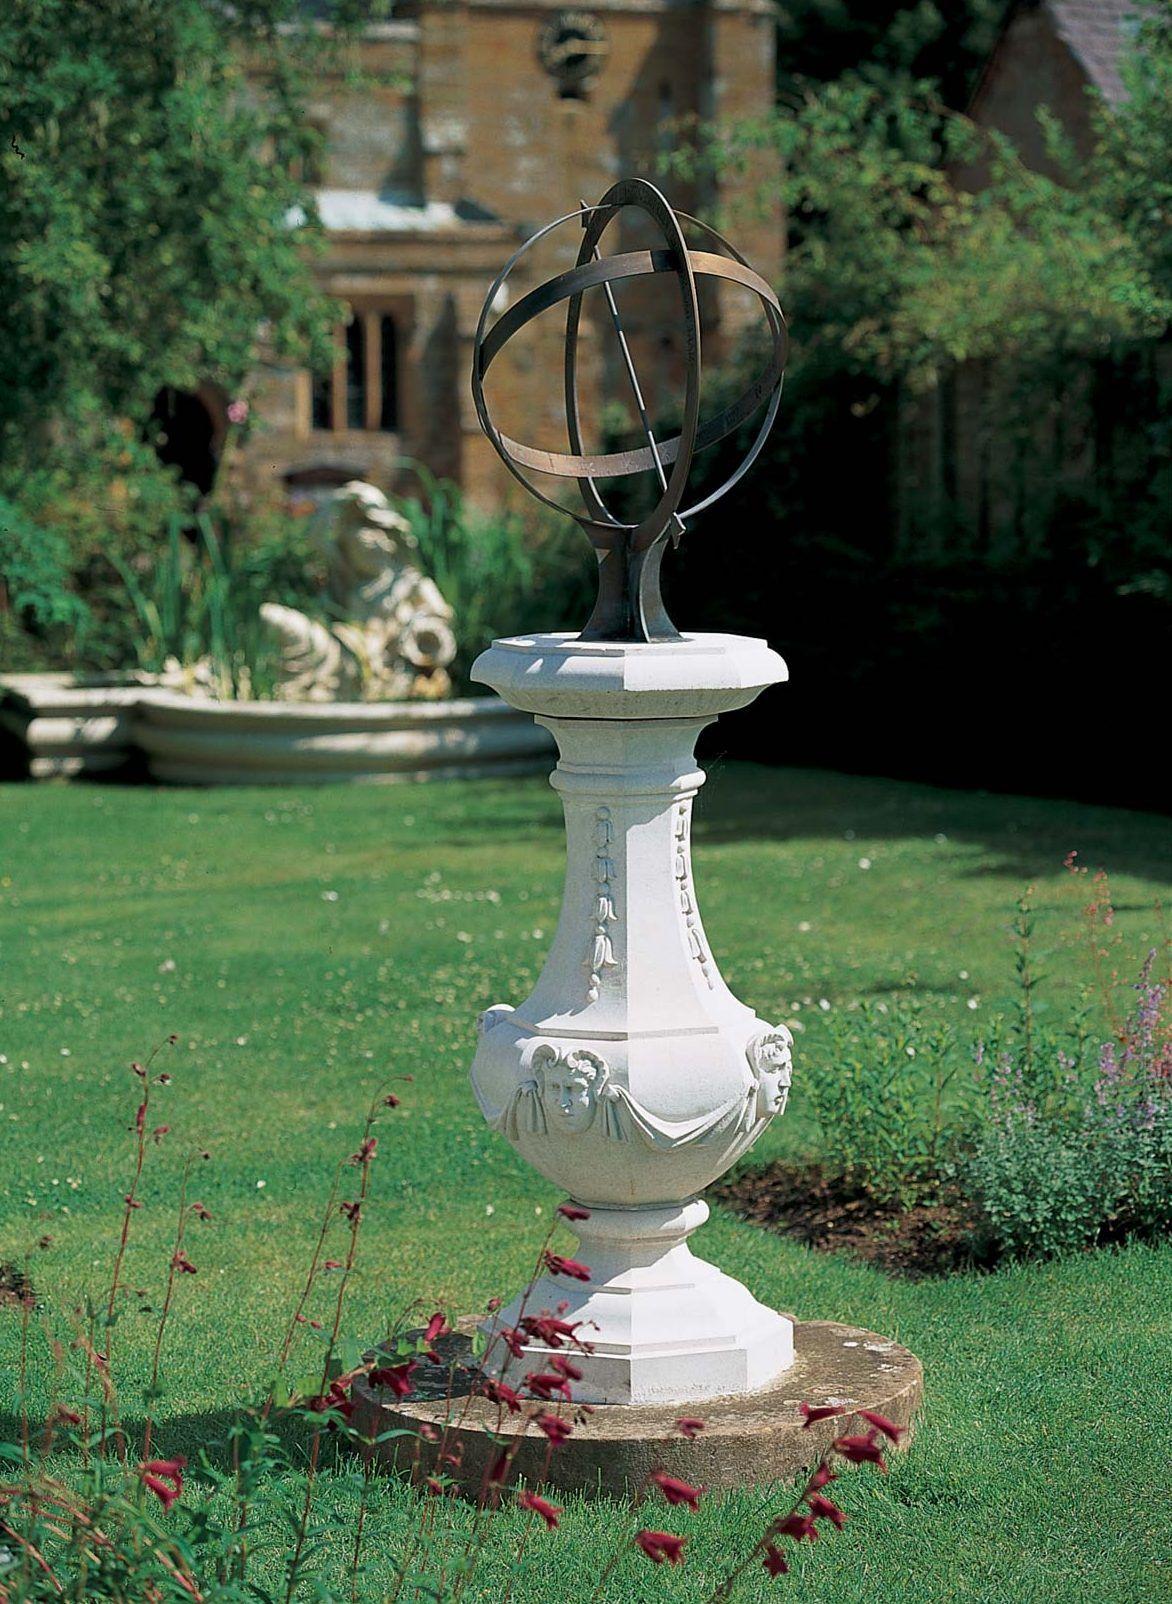 Unusual  Deco sundial plinth      garden  stone ornament